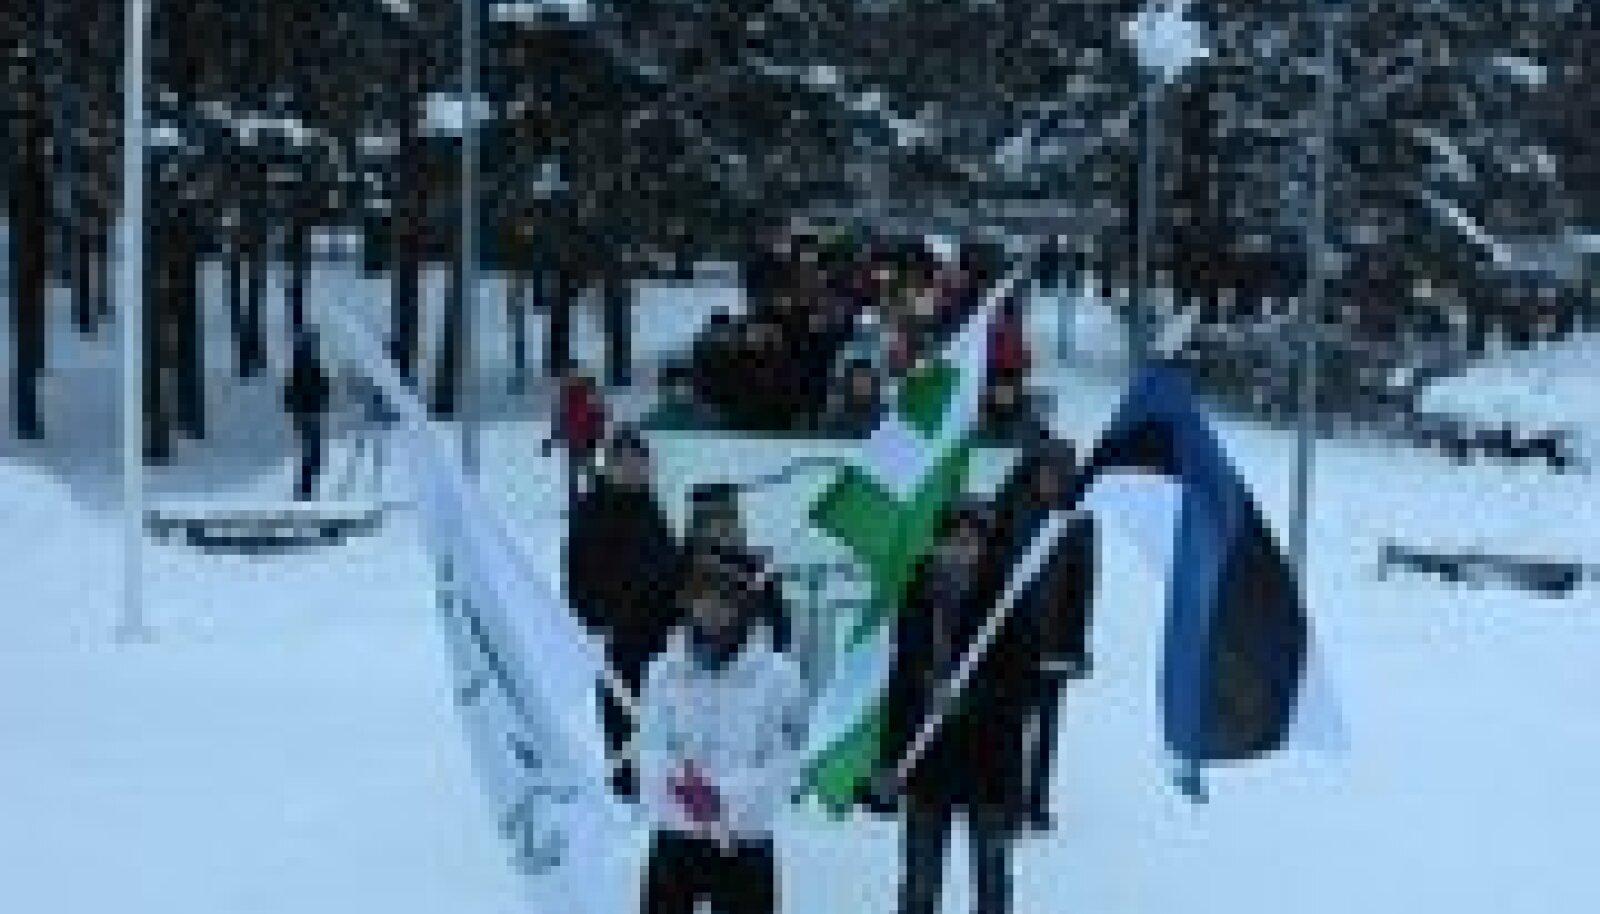 Esimest korda 75 aasta jooksul korraldati ajalooline rongkäik Nõmme keskusest Rahumäe kooli juurde. See kordas 3. detsembril 1935 toimunud rongkäiku. (foto: Jukko Nooni)